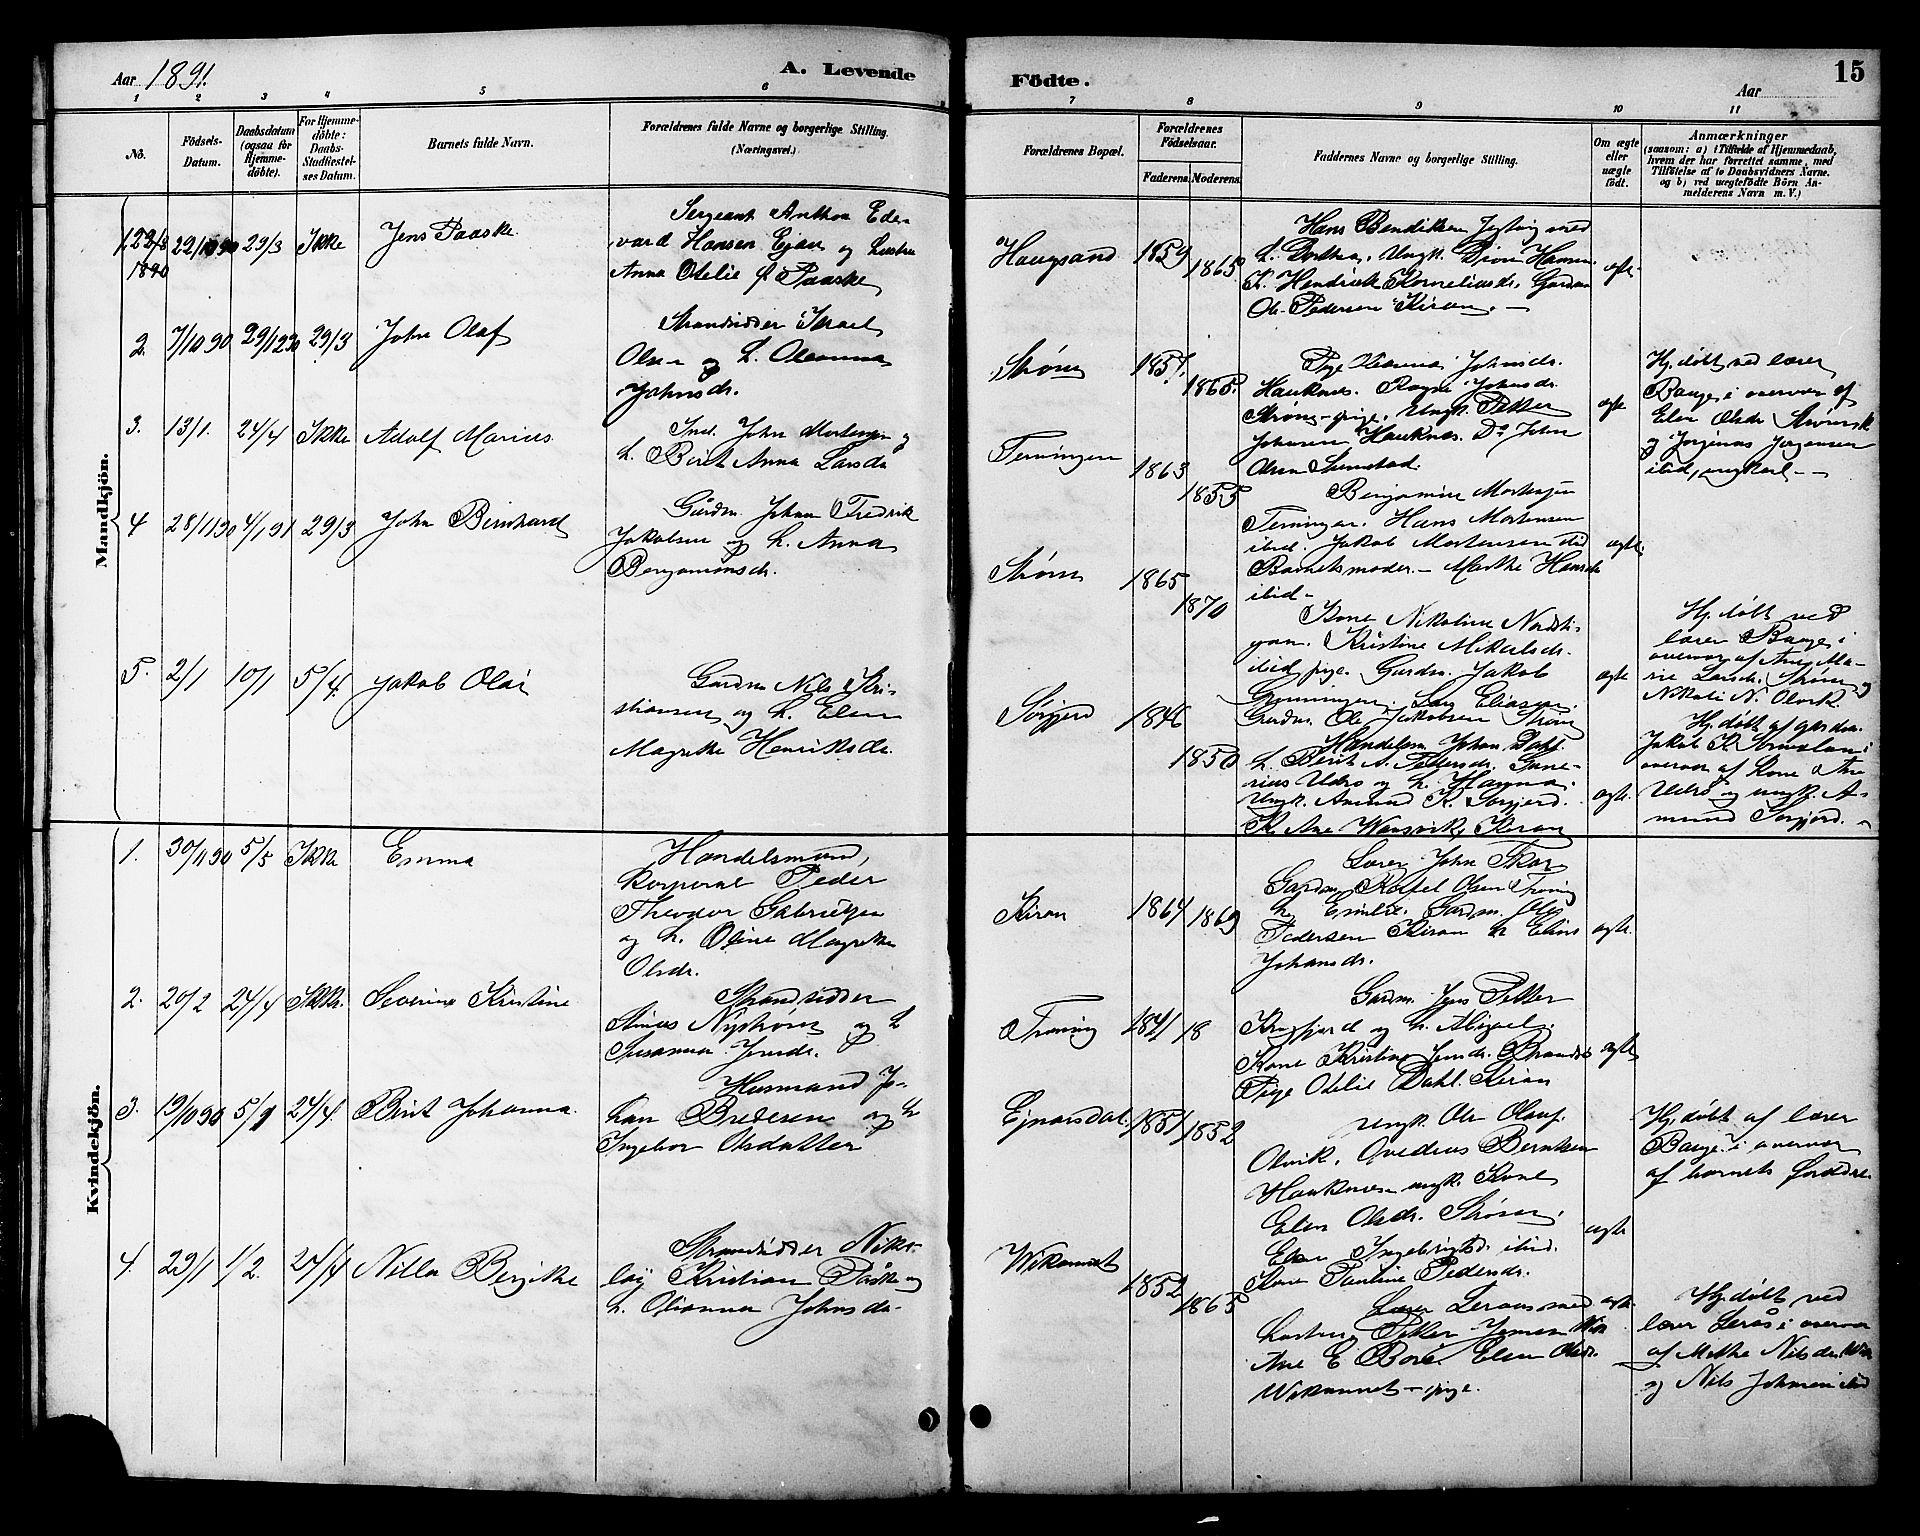 SAT, Ministerialprotokoller, klokkerbøker og fødselsregistre - Sør-Trøndelag, 657/L0716: Klokkerbok nr. 657C03, 1889-1904, s. 15